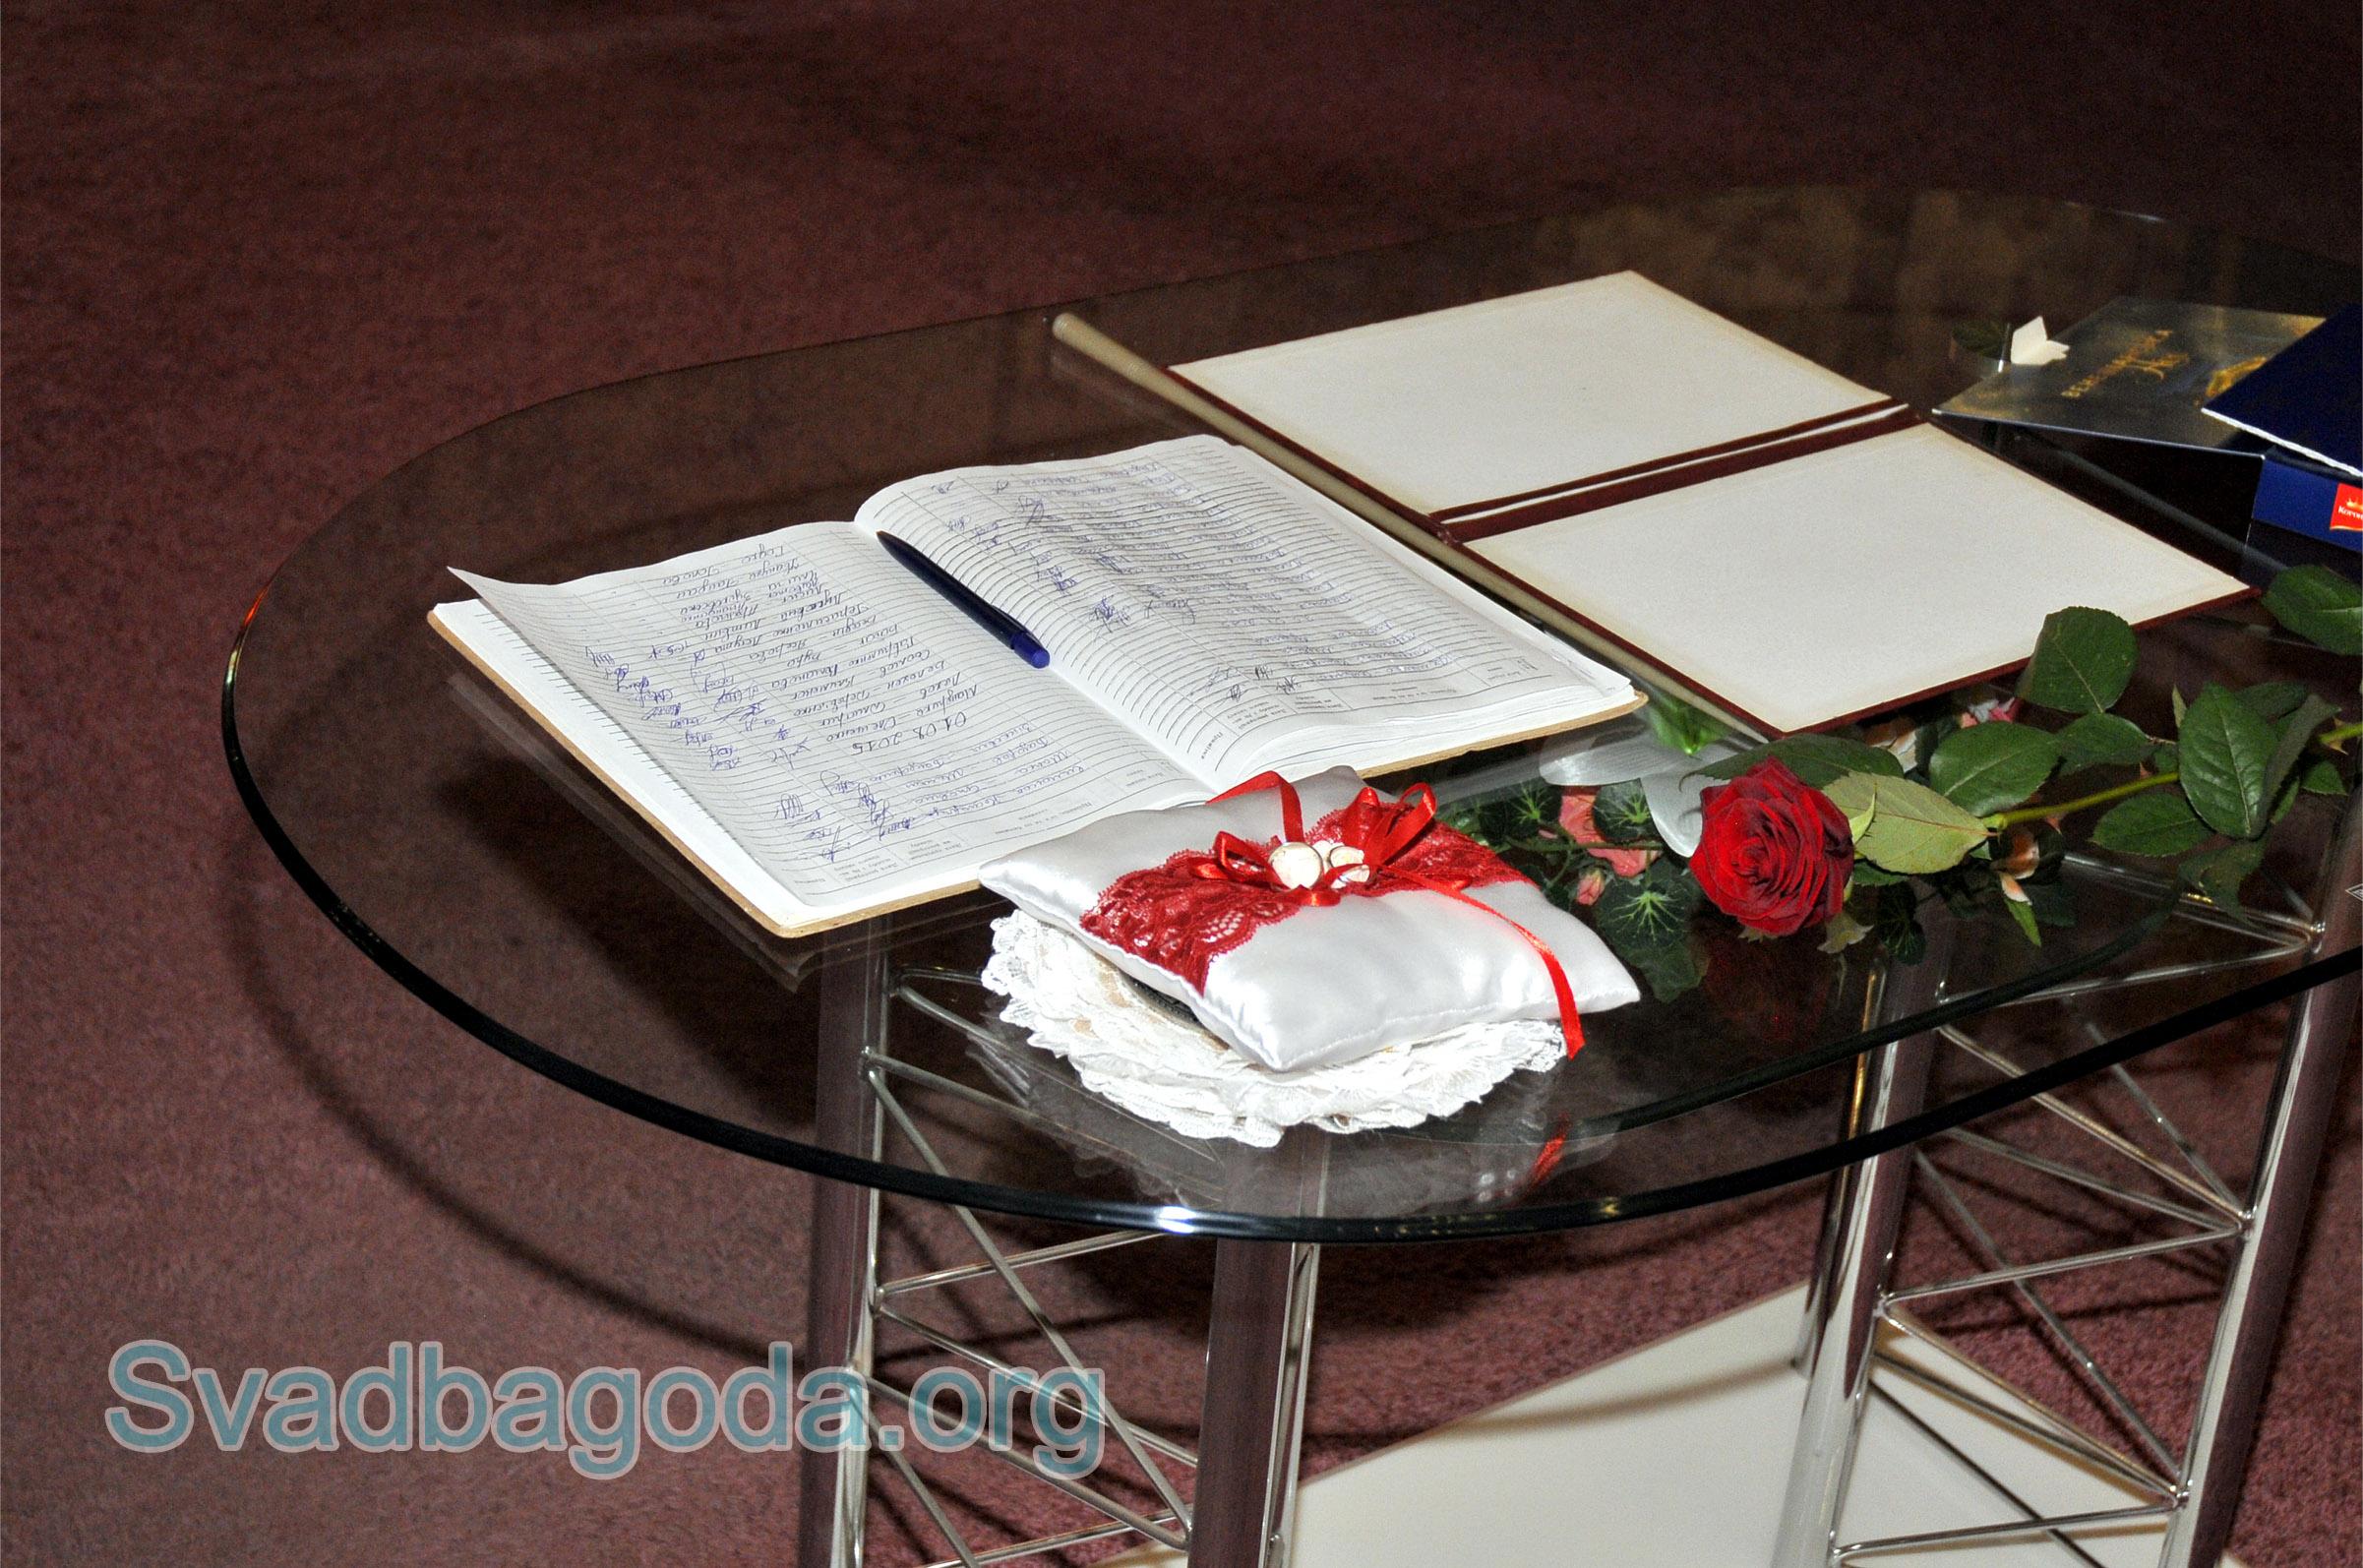 дата свадьбы в ЗАГСе с подписью